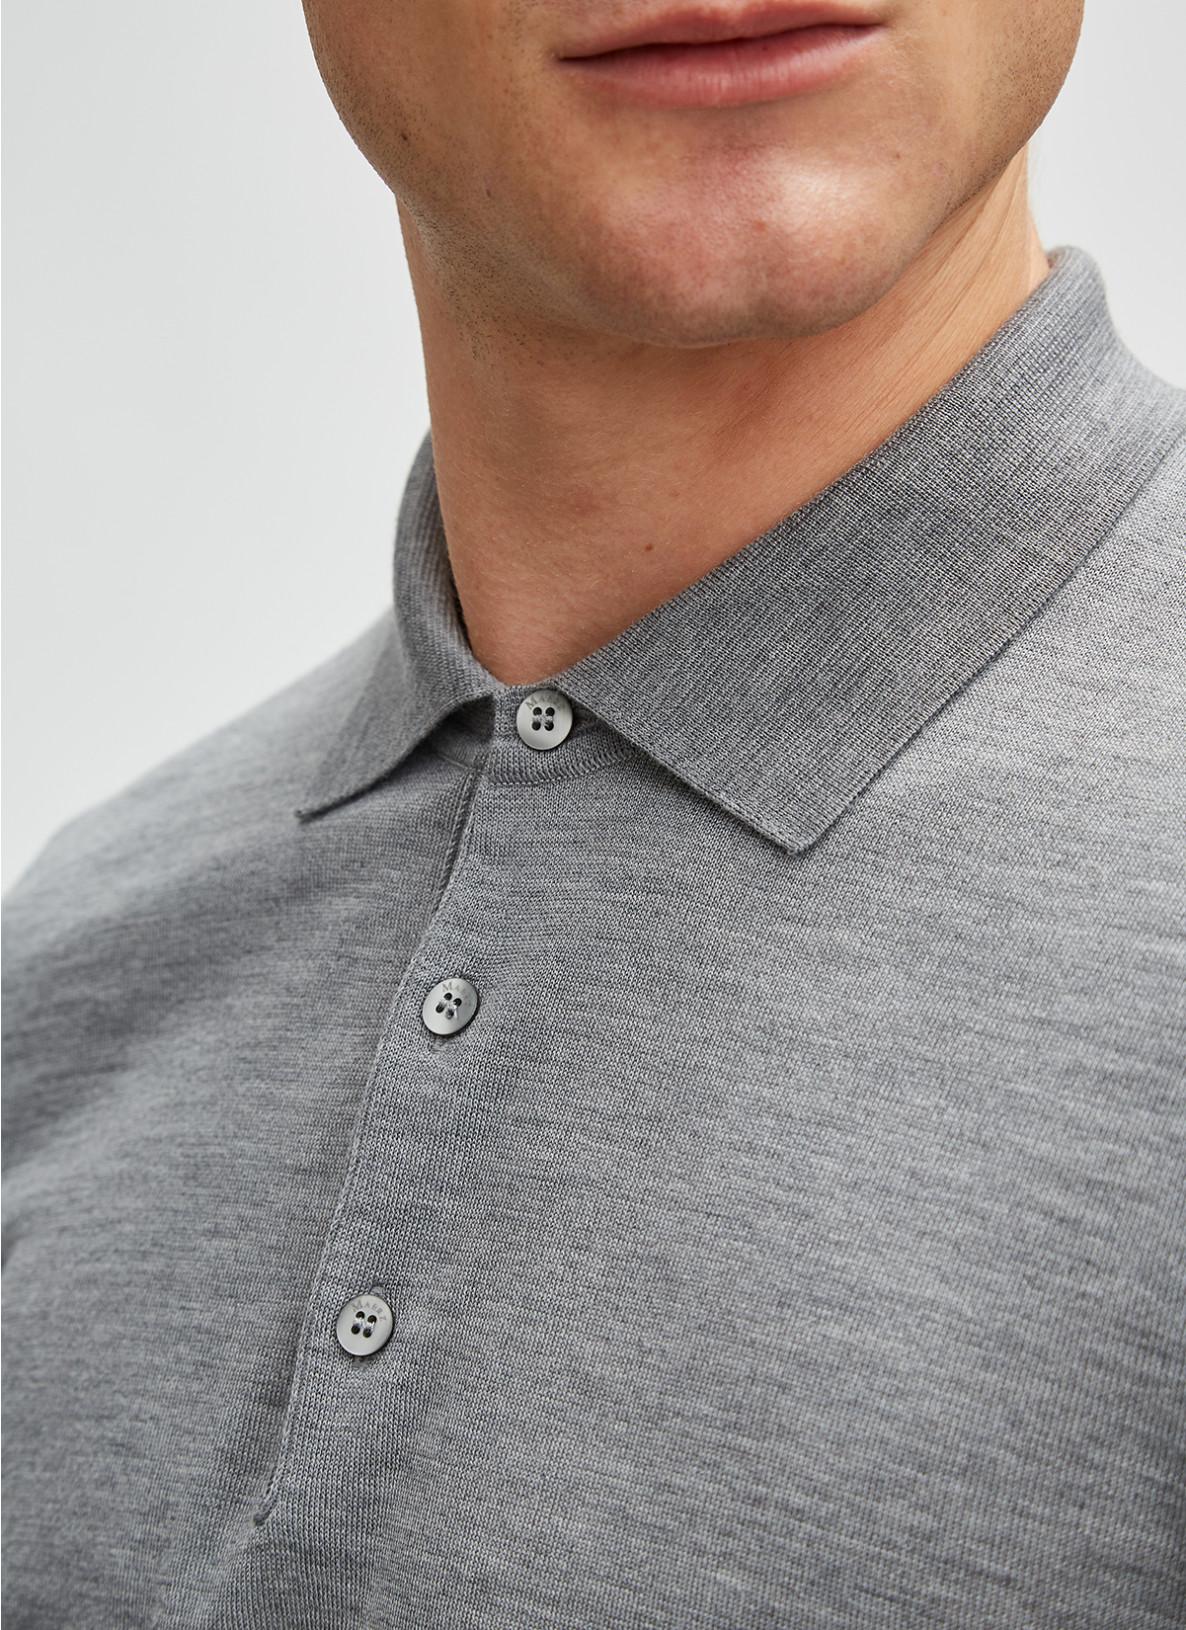 Pullover Polokragen, Knopf 1/1 Arm, Mercury GreyFrontansicht